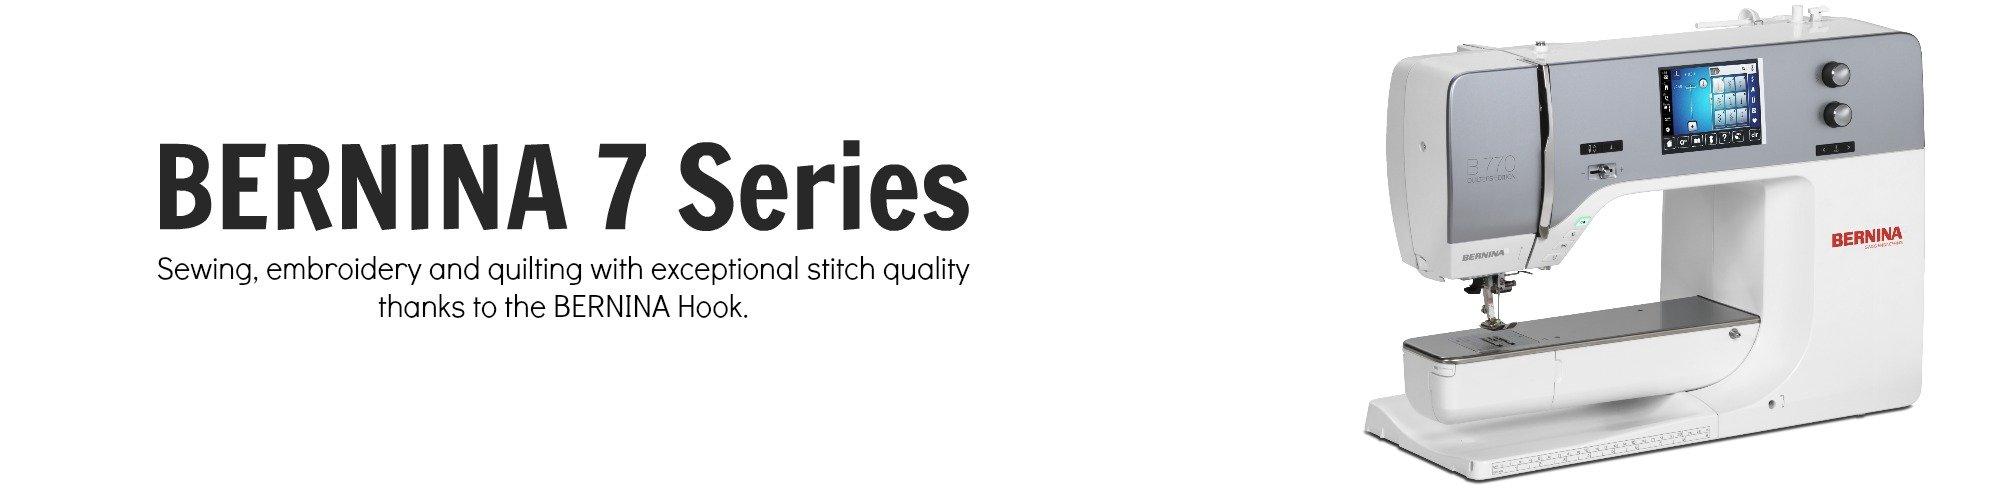 BERNINA 7 Series | Lola Pink Fabrics